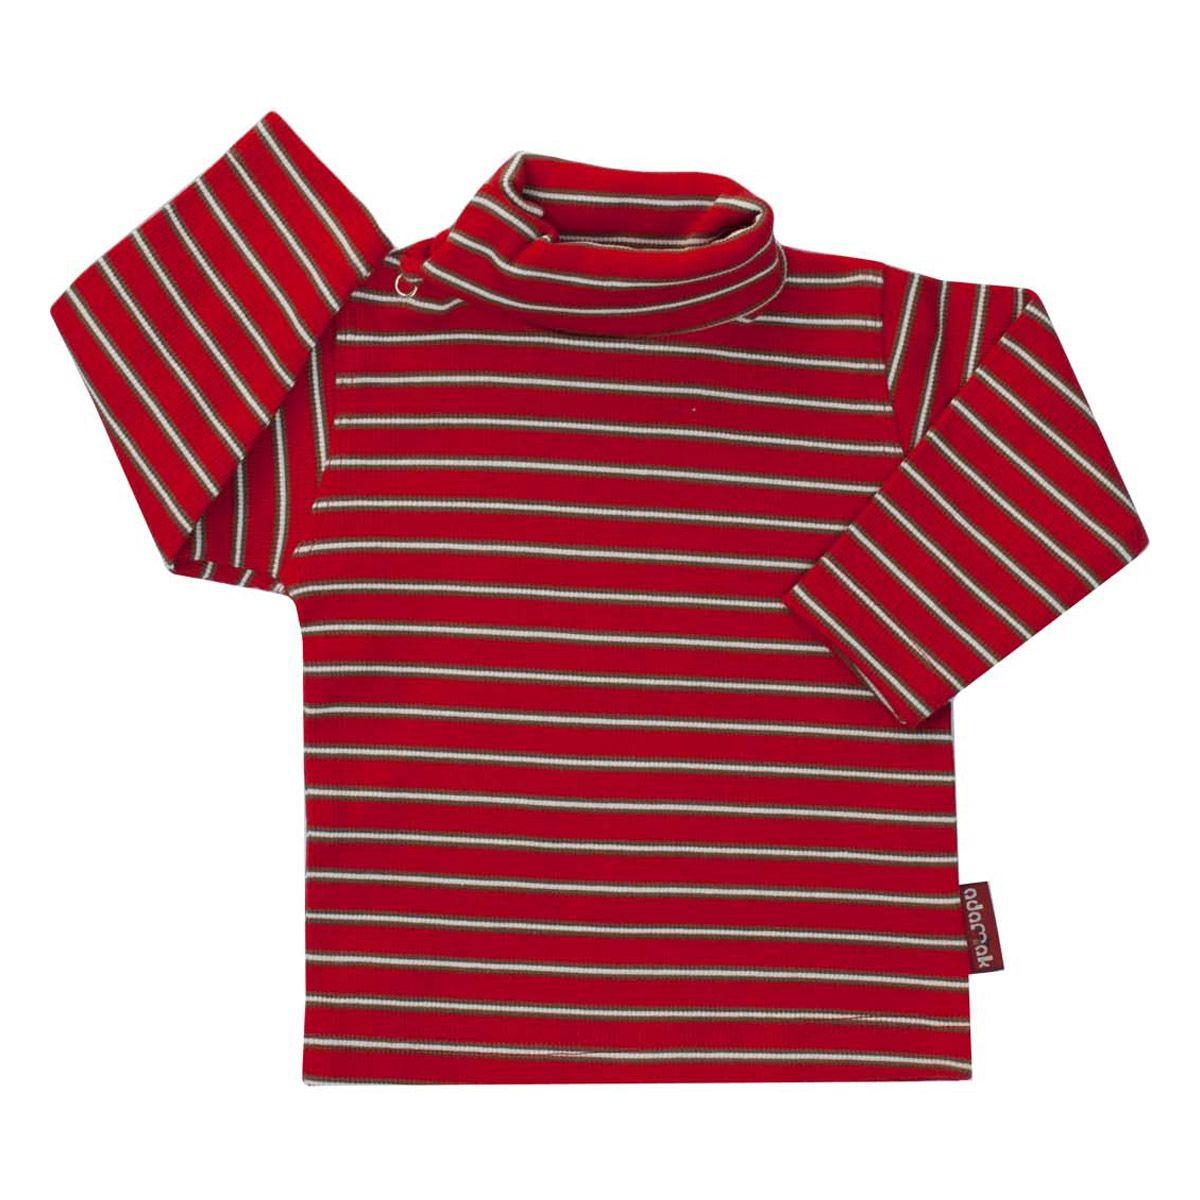 تی شرت آدمک طرح راه راه کد 5-1444011 -  - 3